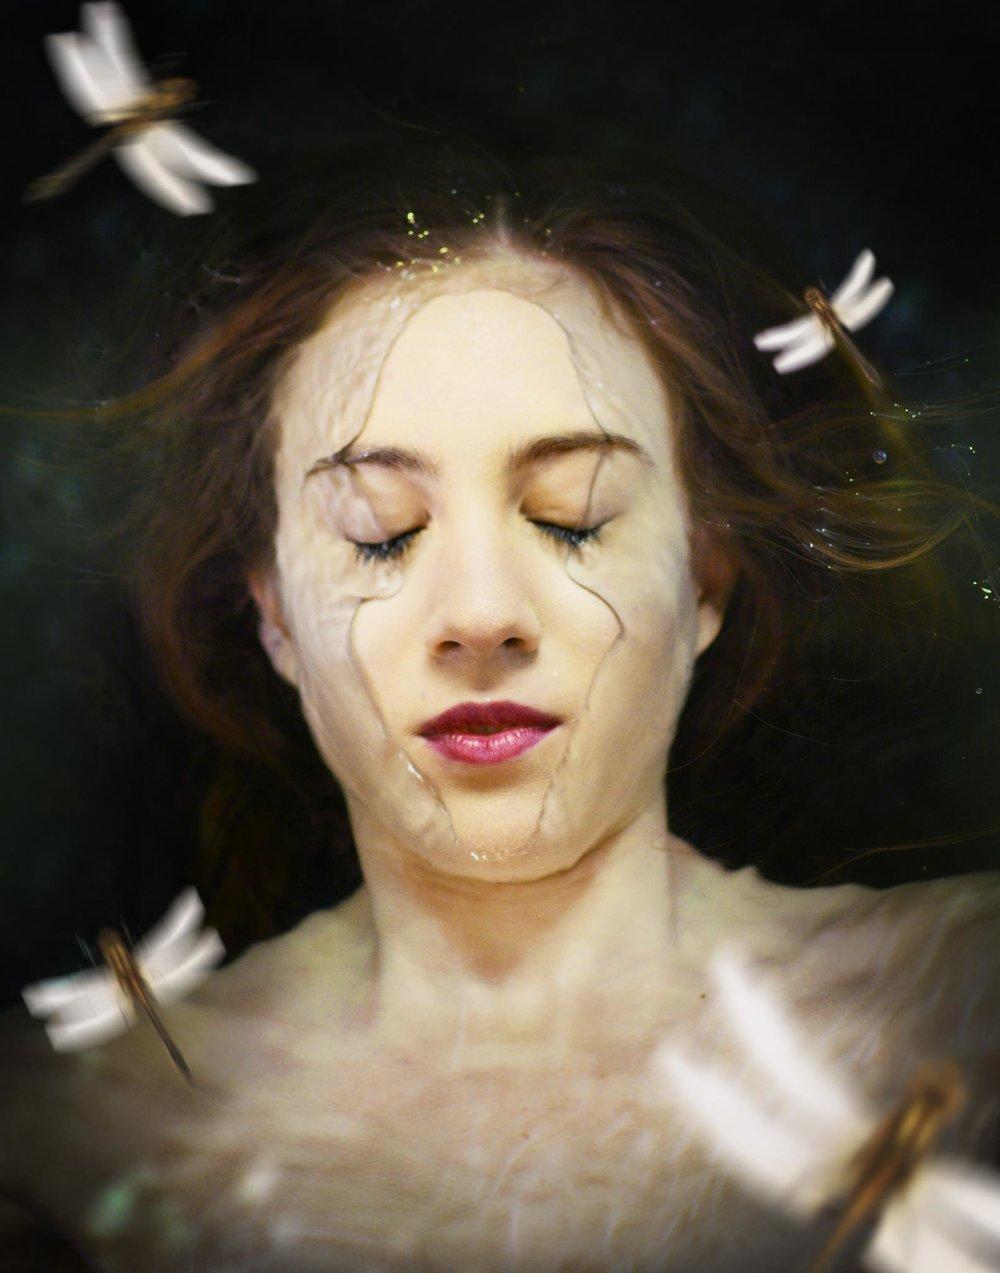 Y para finalizar os dejo con esta imagen de  Gabriela Paola Pedreira  me he enamorado de ese momento justo de inmersión, tiene algo mágico y místico...